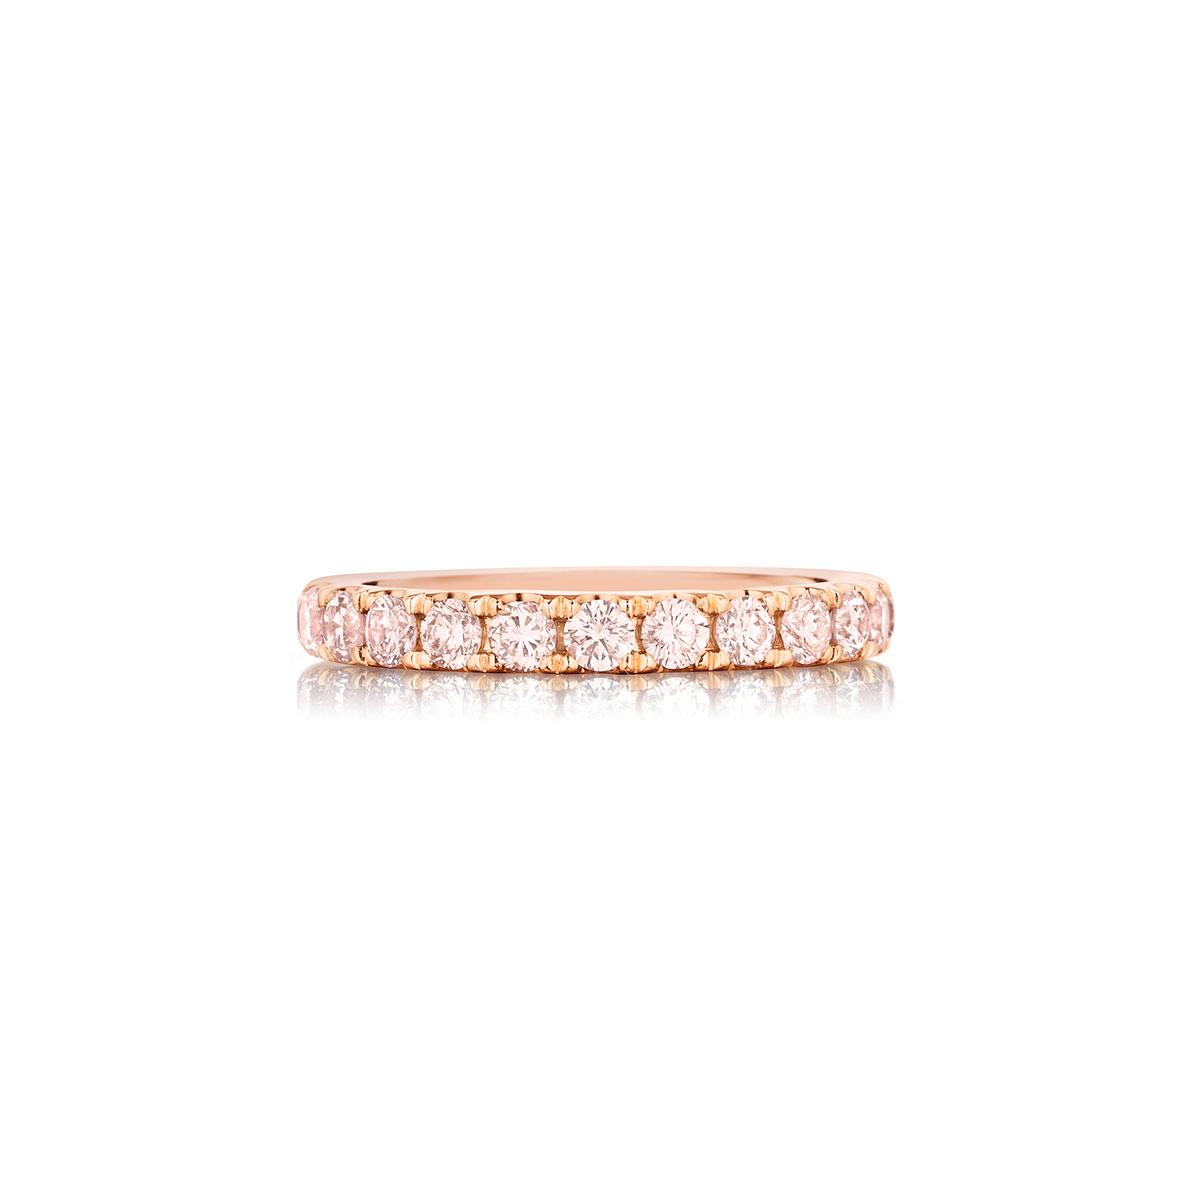 36163b79169bf Henri Daussi Rings Rose Gold 1.35ct Pink Diamond Eternity Band